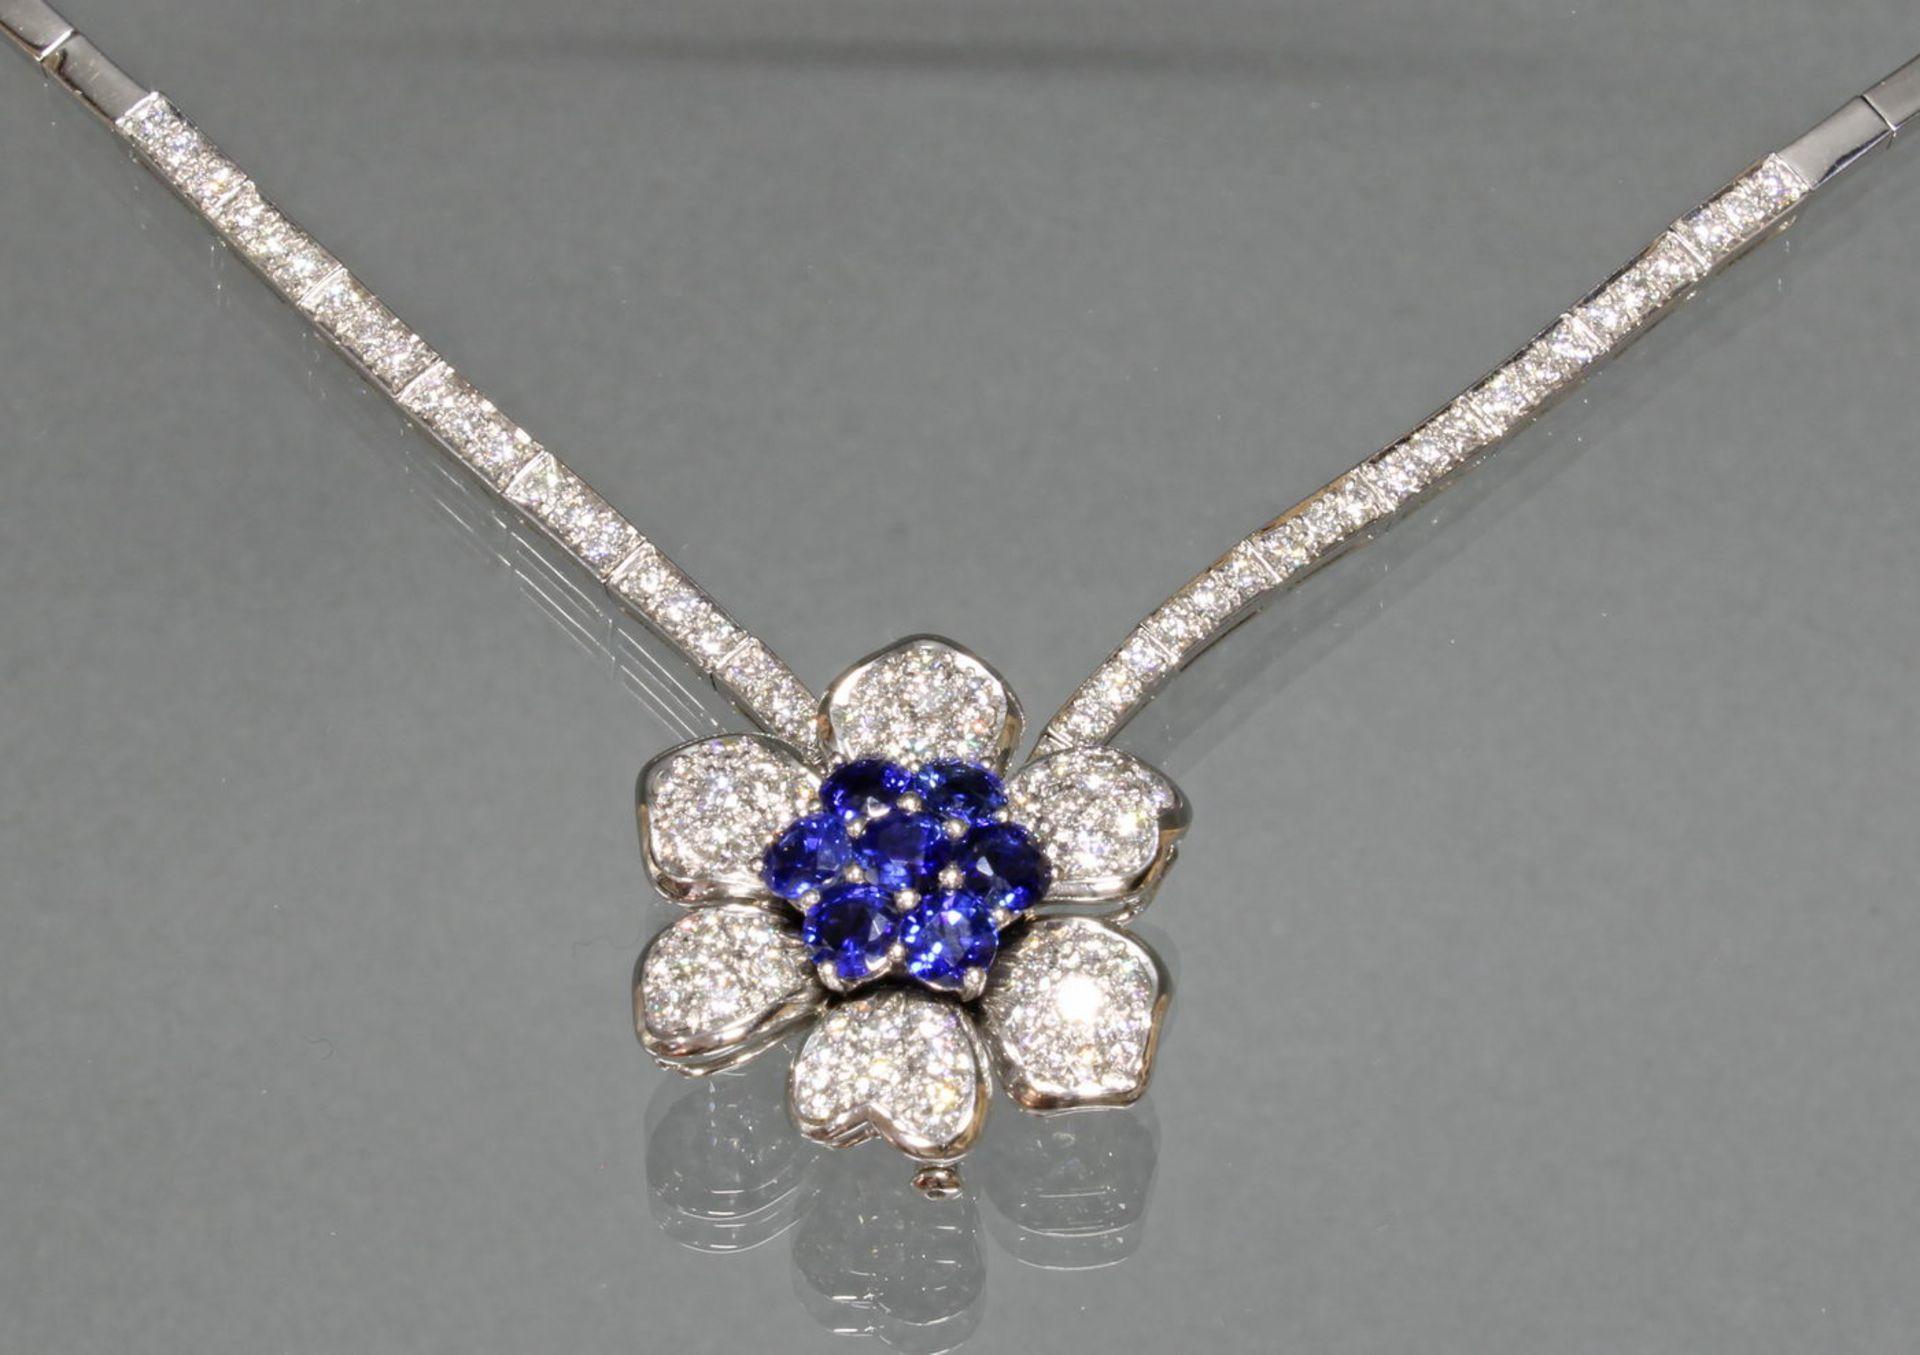 Collier, 'Blüten'-Mittelteil auch als Brosche zu tragen, Collier, WG 750, 54 Brillanten zus. ca. 1